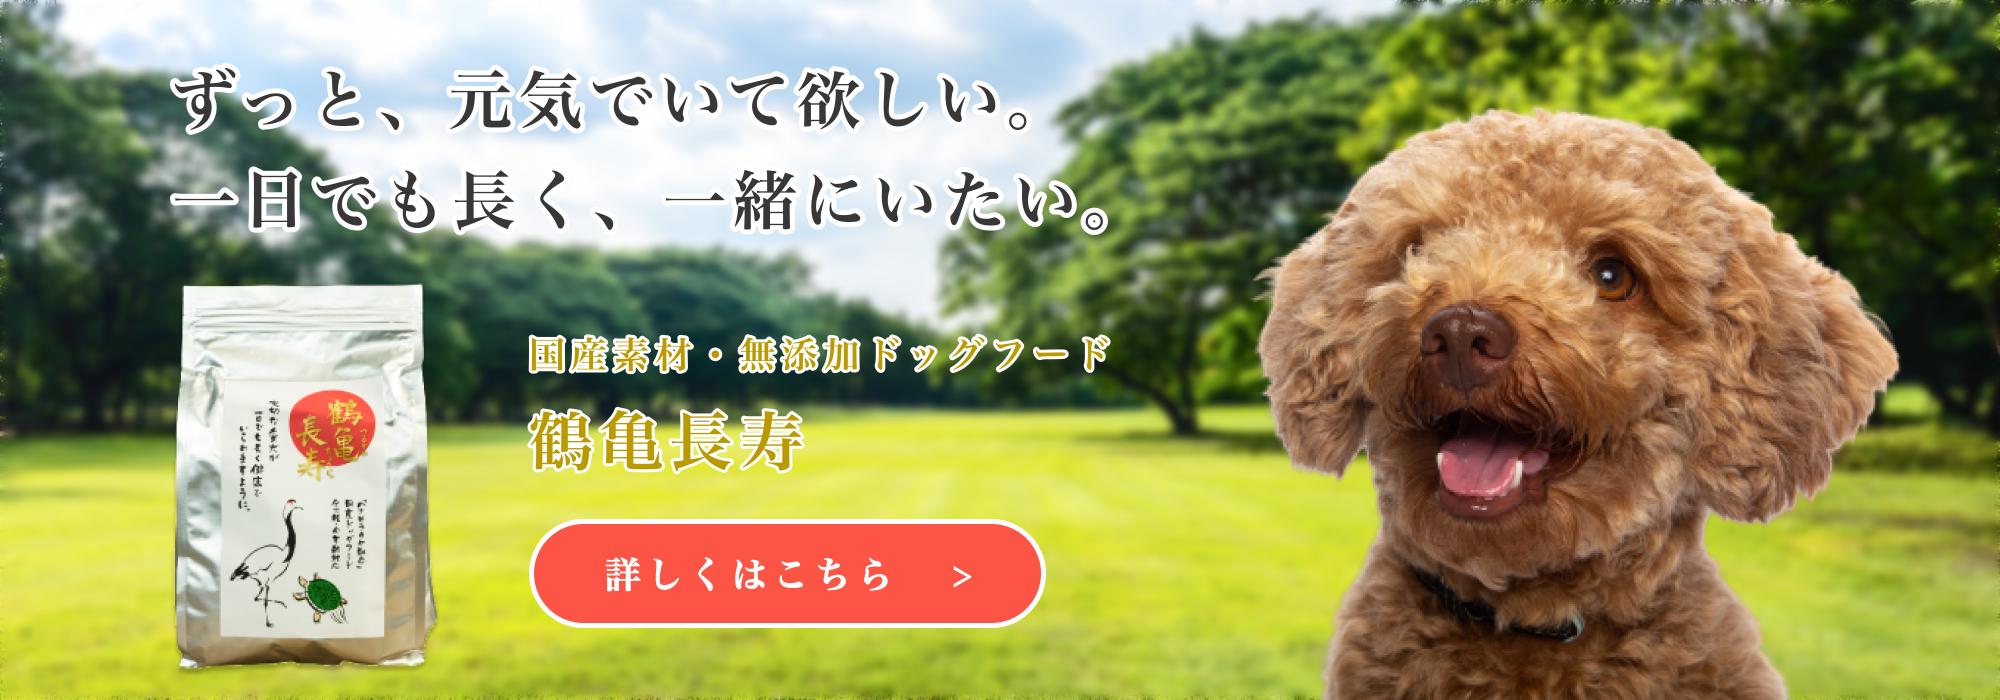 ずっと、元気でいて欲しい。一日でも長く、一緒にいたい。国 産ドッグフード鶴亀長寿について 詳しくはこちら